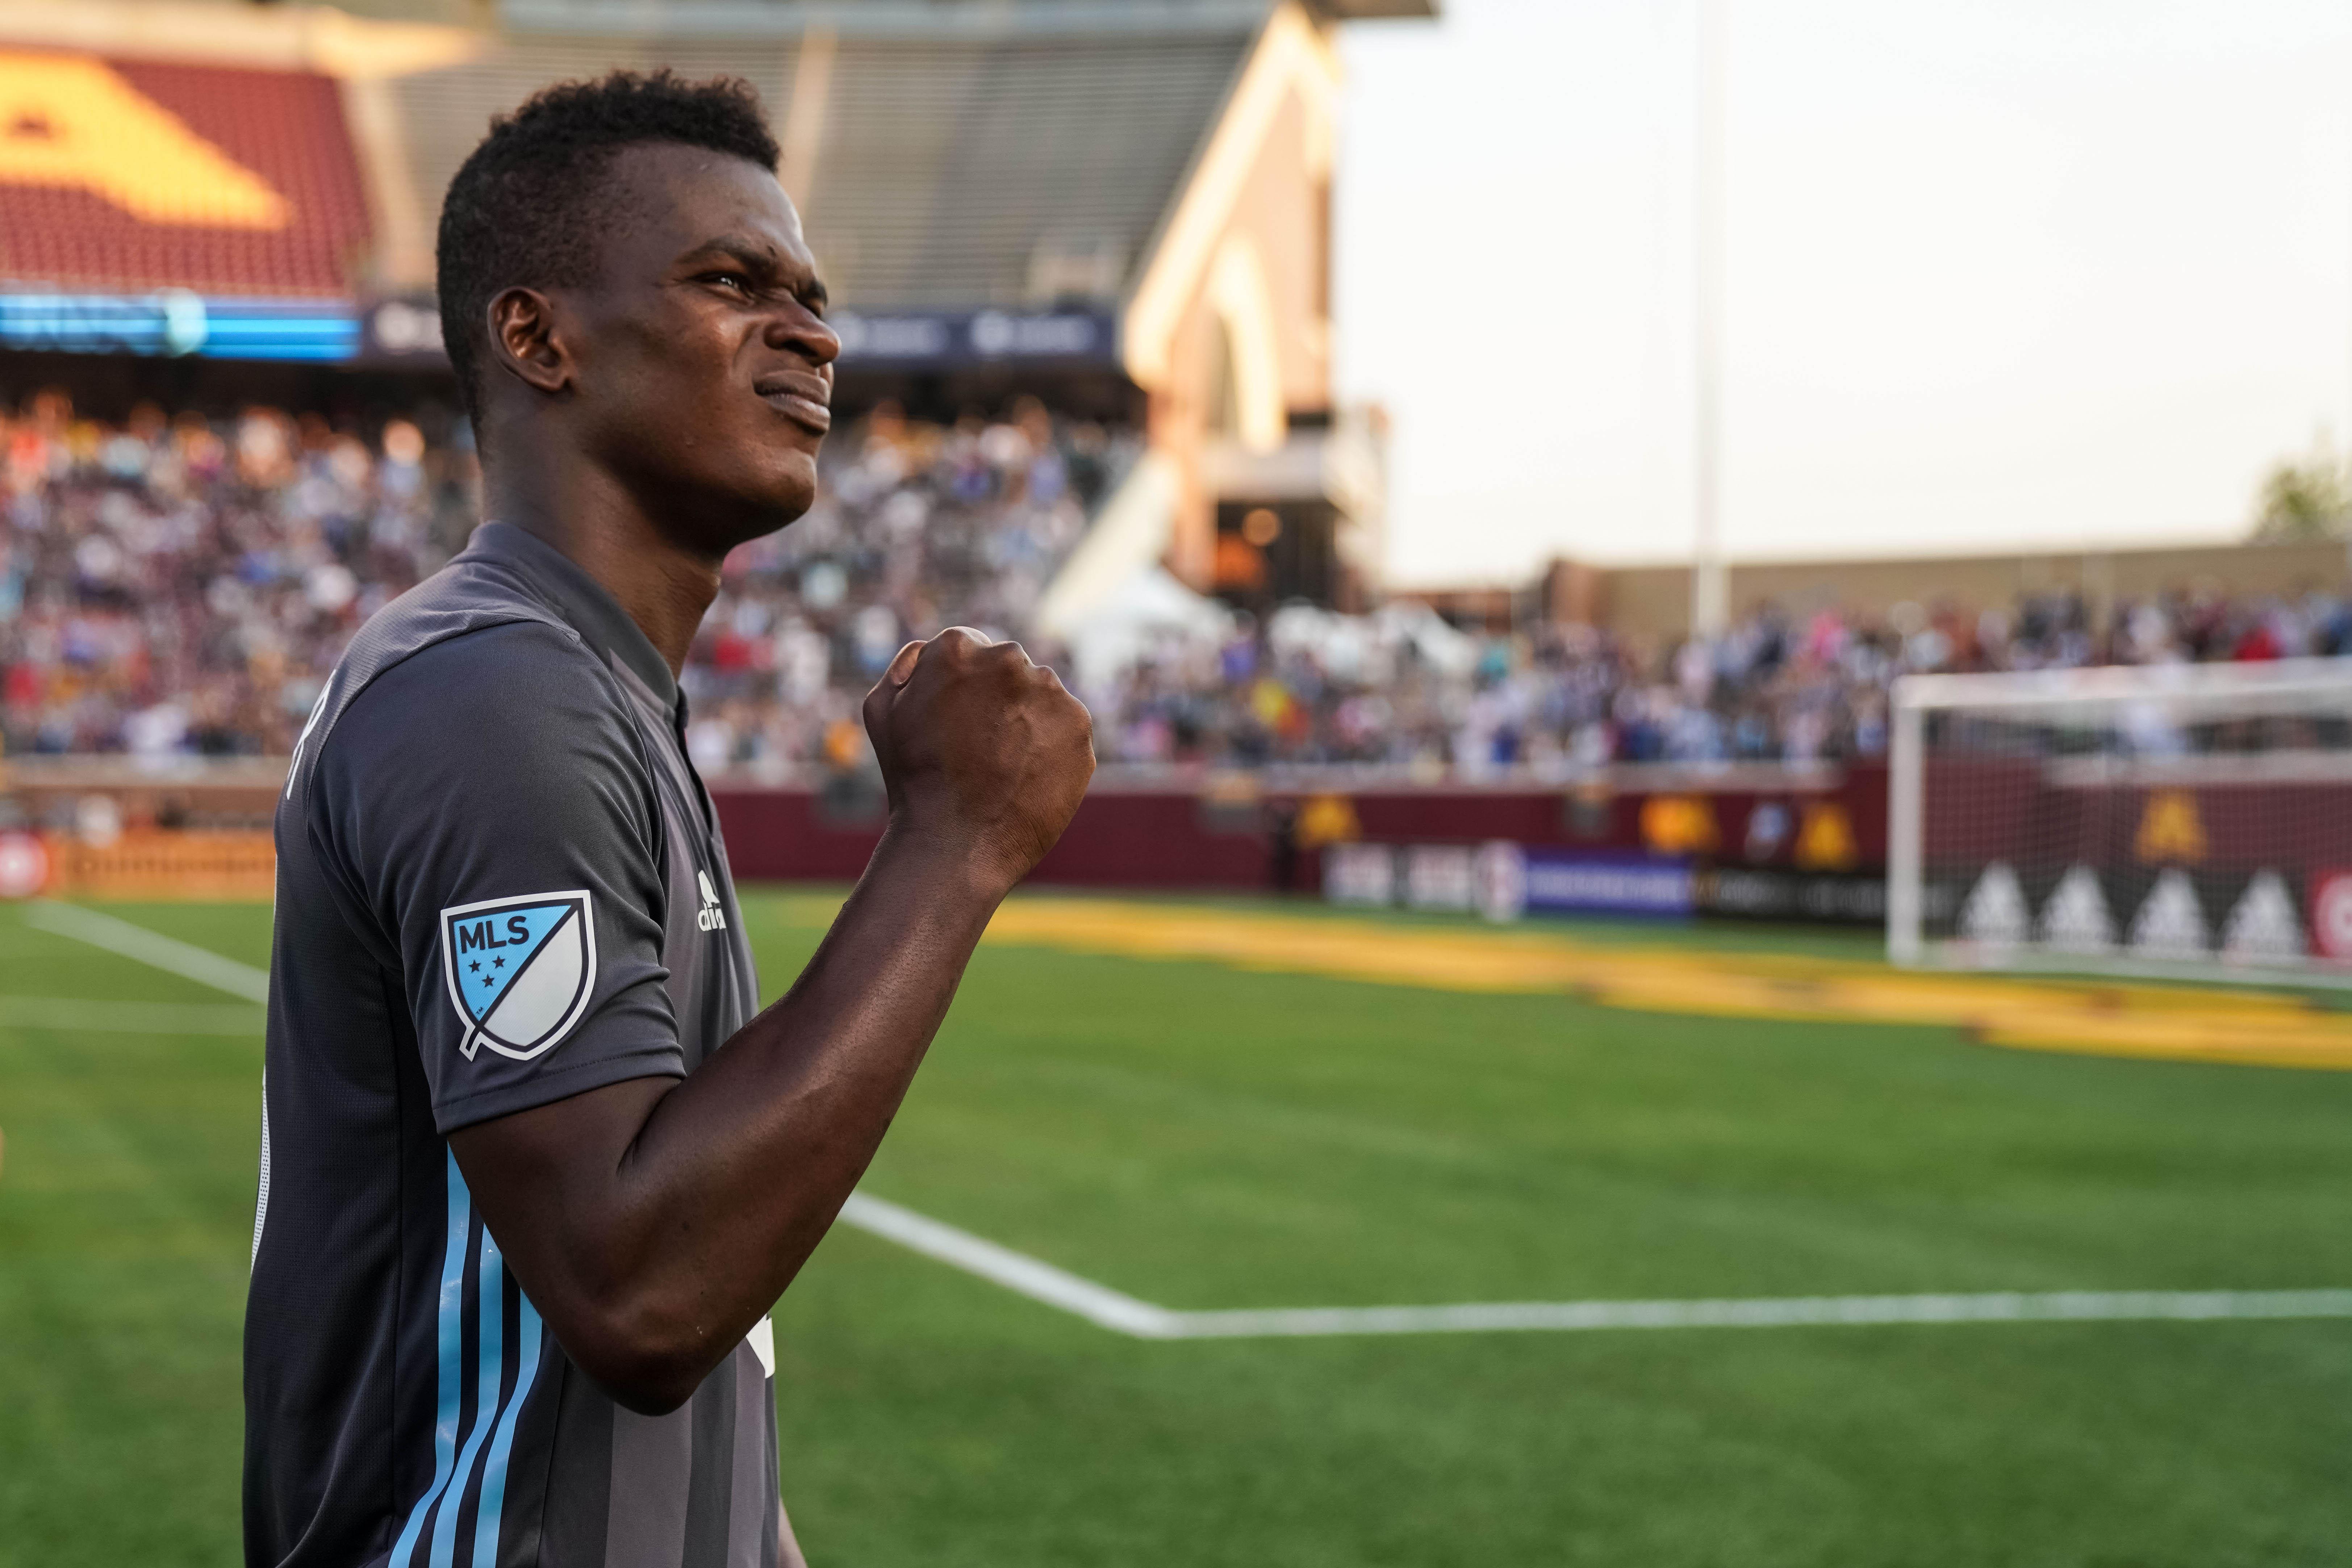 MLS: Minnesota United FC - Darwin Quintero